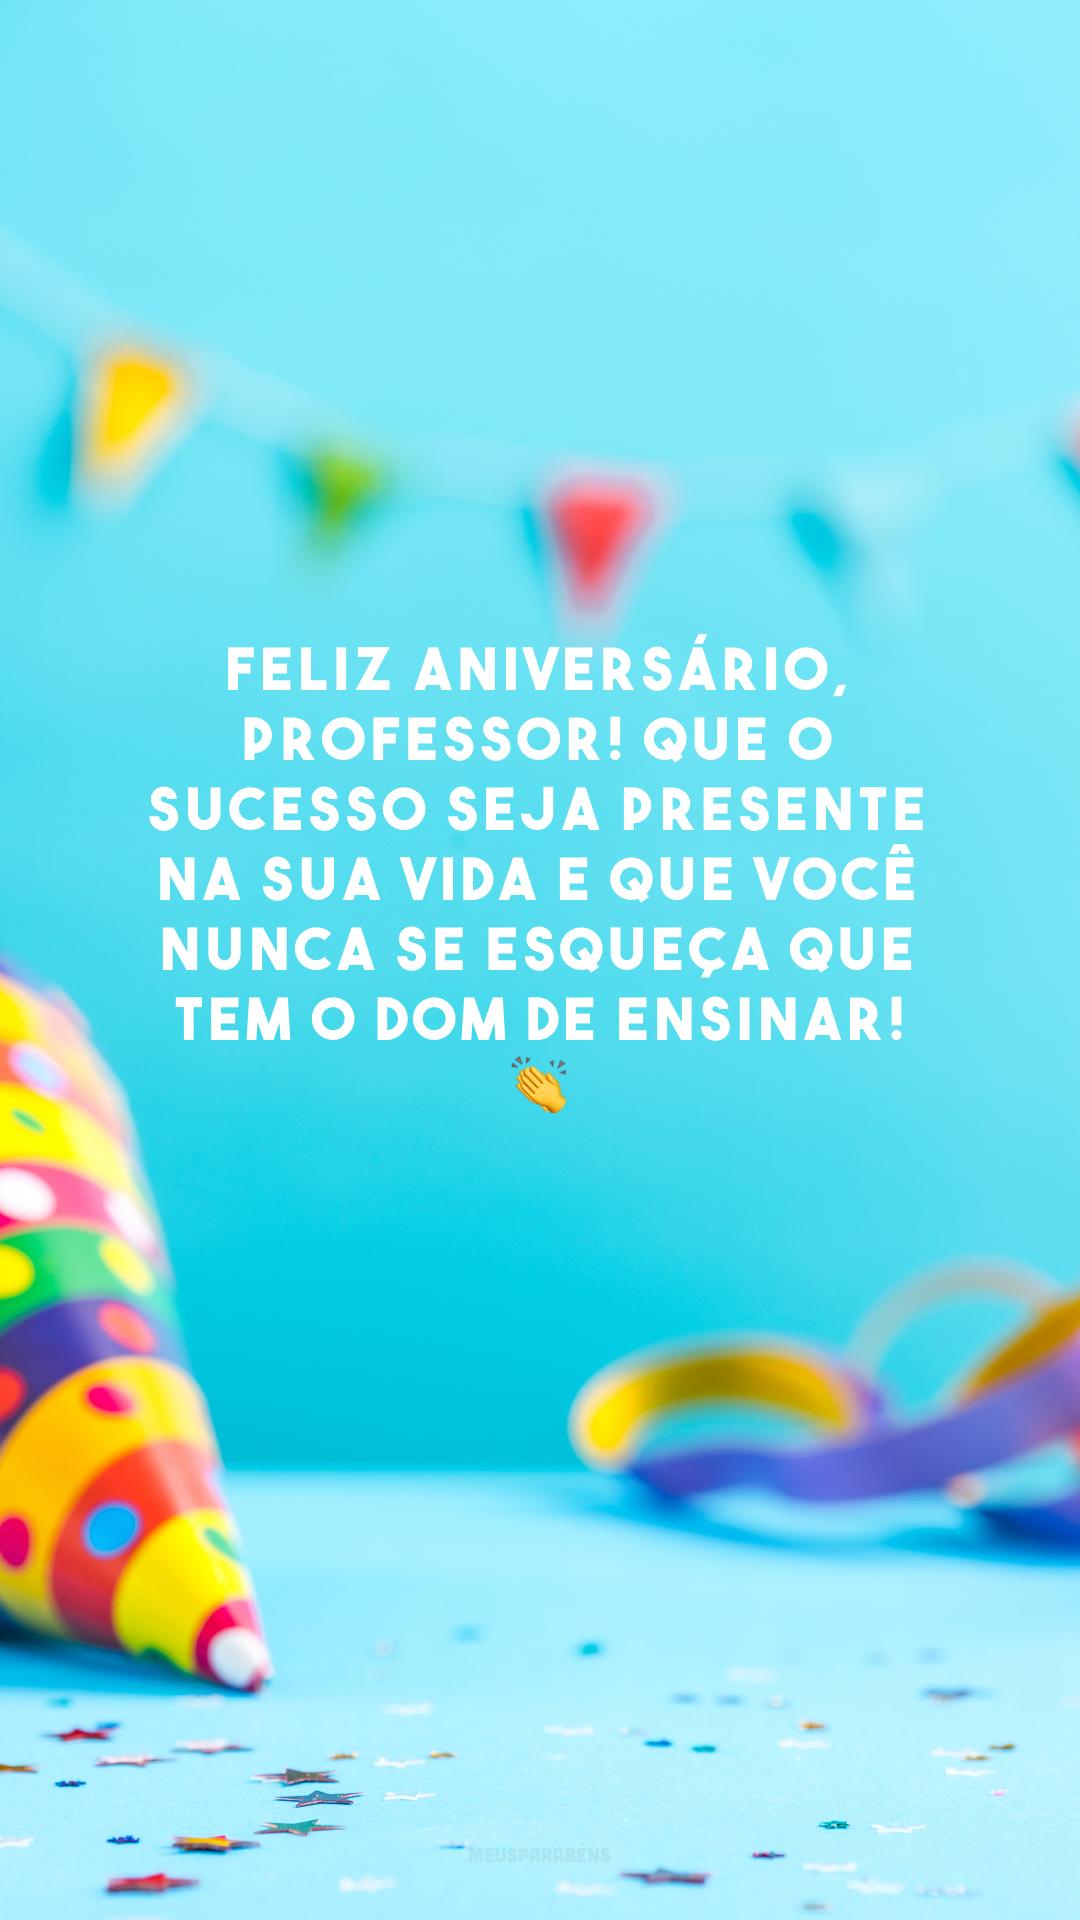 Feliz aniversário, professor! Que o sucesso seja presente na sua vida e que você nunca se esqueça que tem o dom de ensinar! 👏